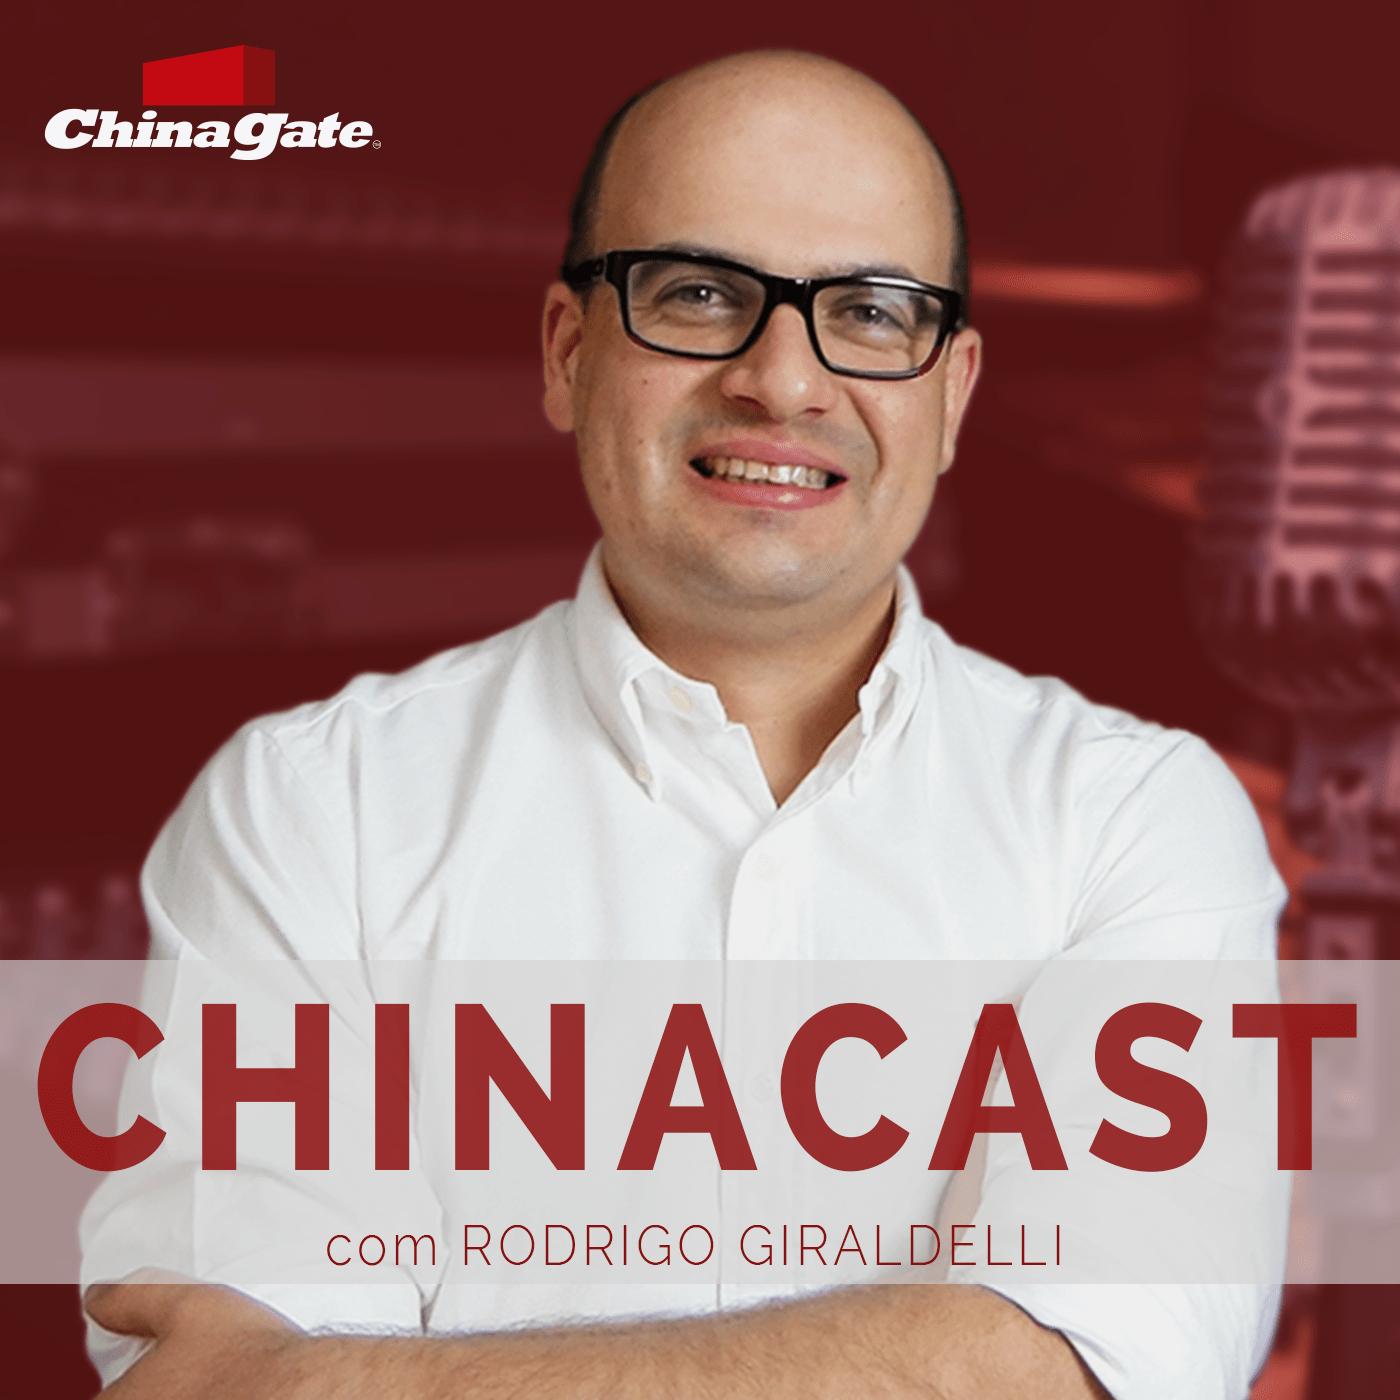 ChinaCast